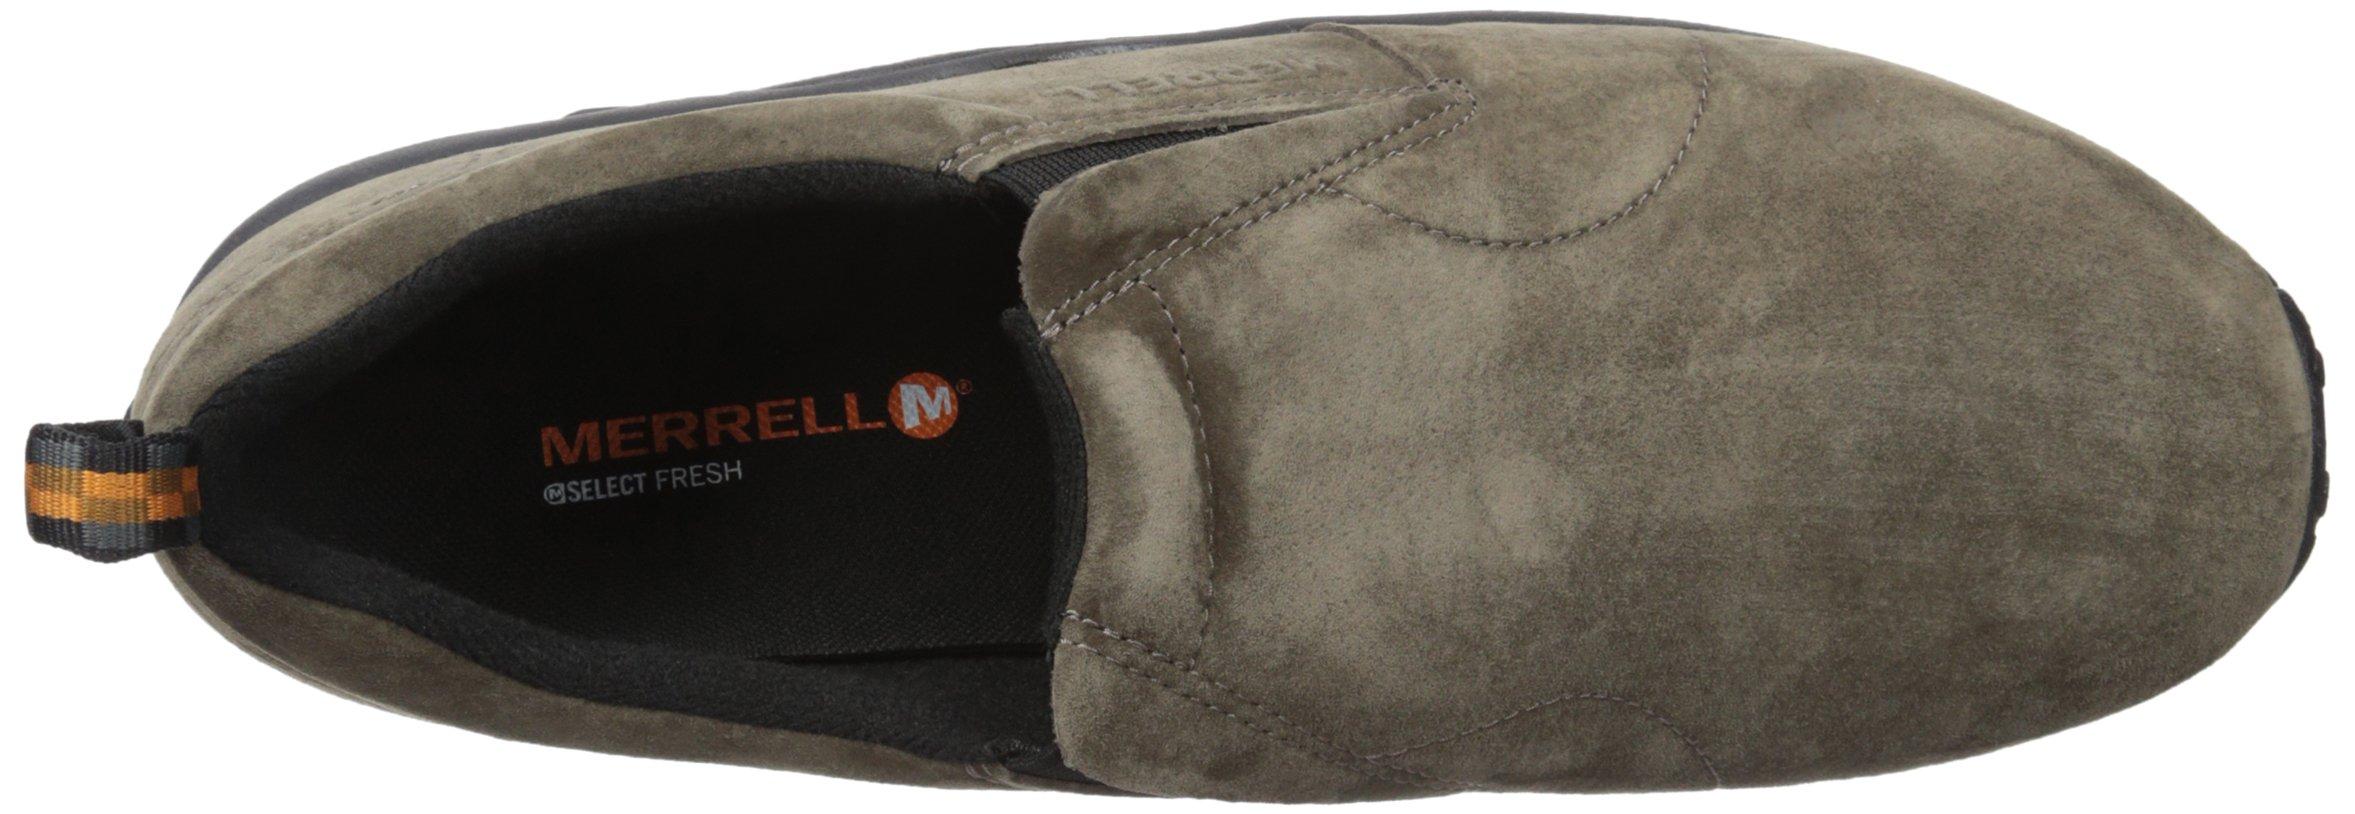 Merrell Men's Jungle Moc Slip-On Shoe,Gunsmoke,11 M US by Merrell (Image #8)